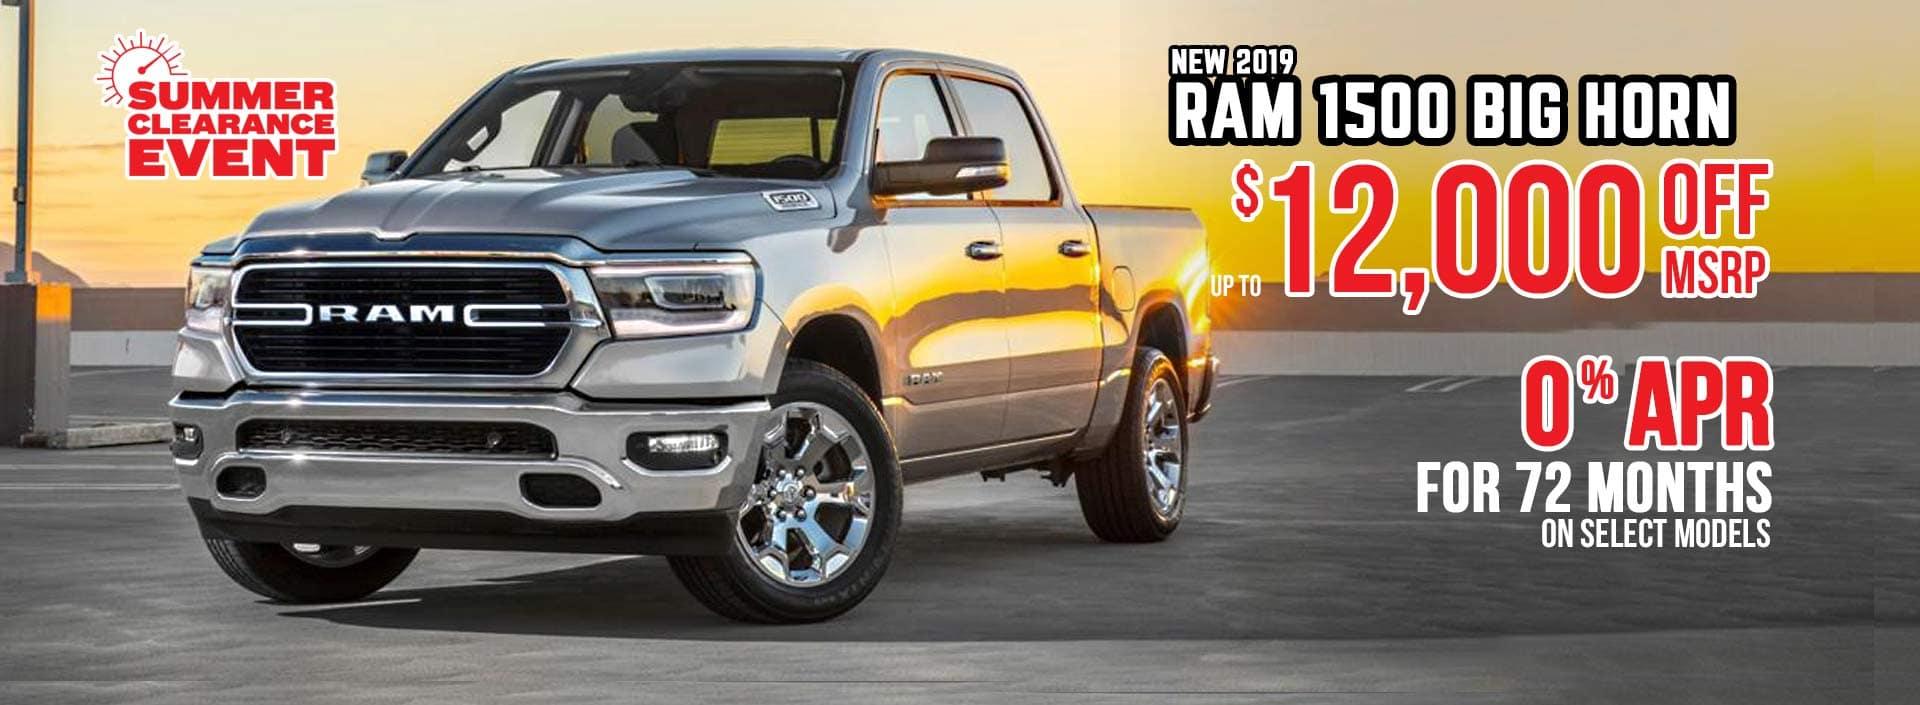 Ram 1500 Sale Truck